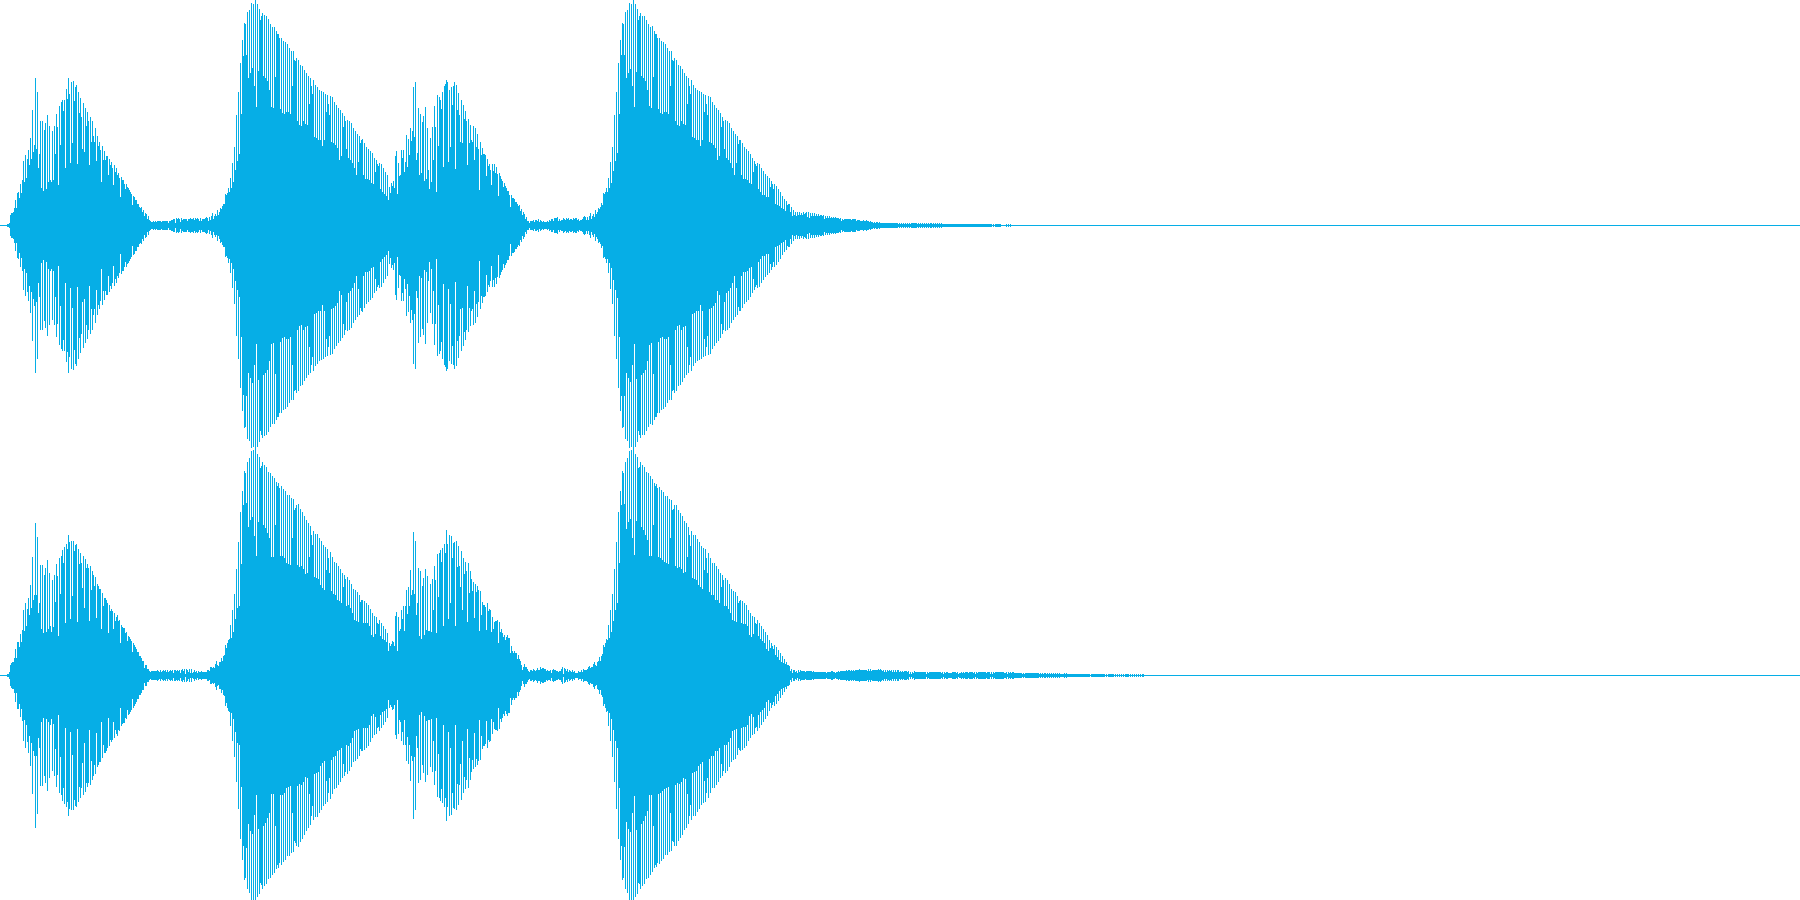 パフパフ。パフパフラッパB(低・2連発)の再生済みの波形